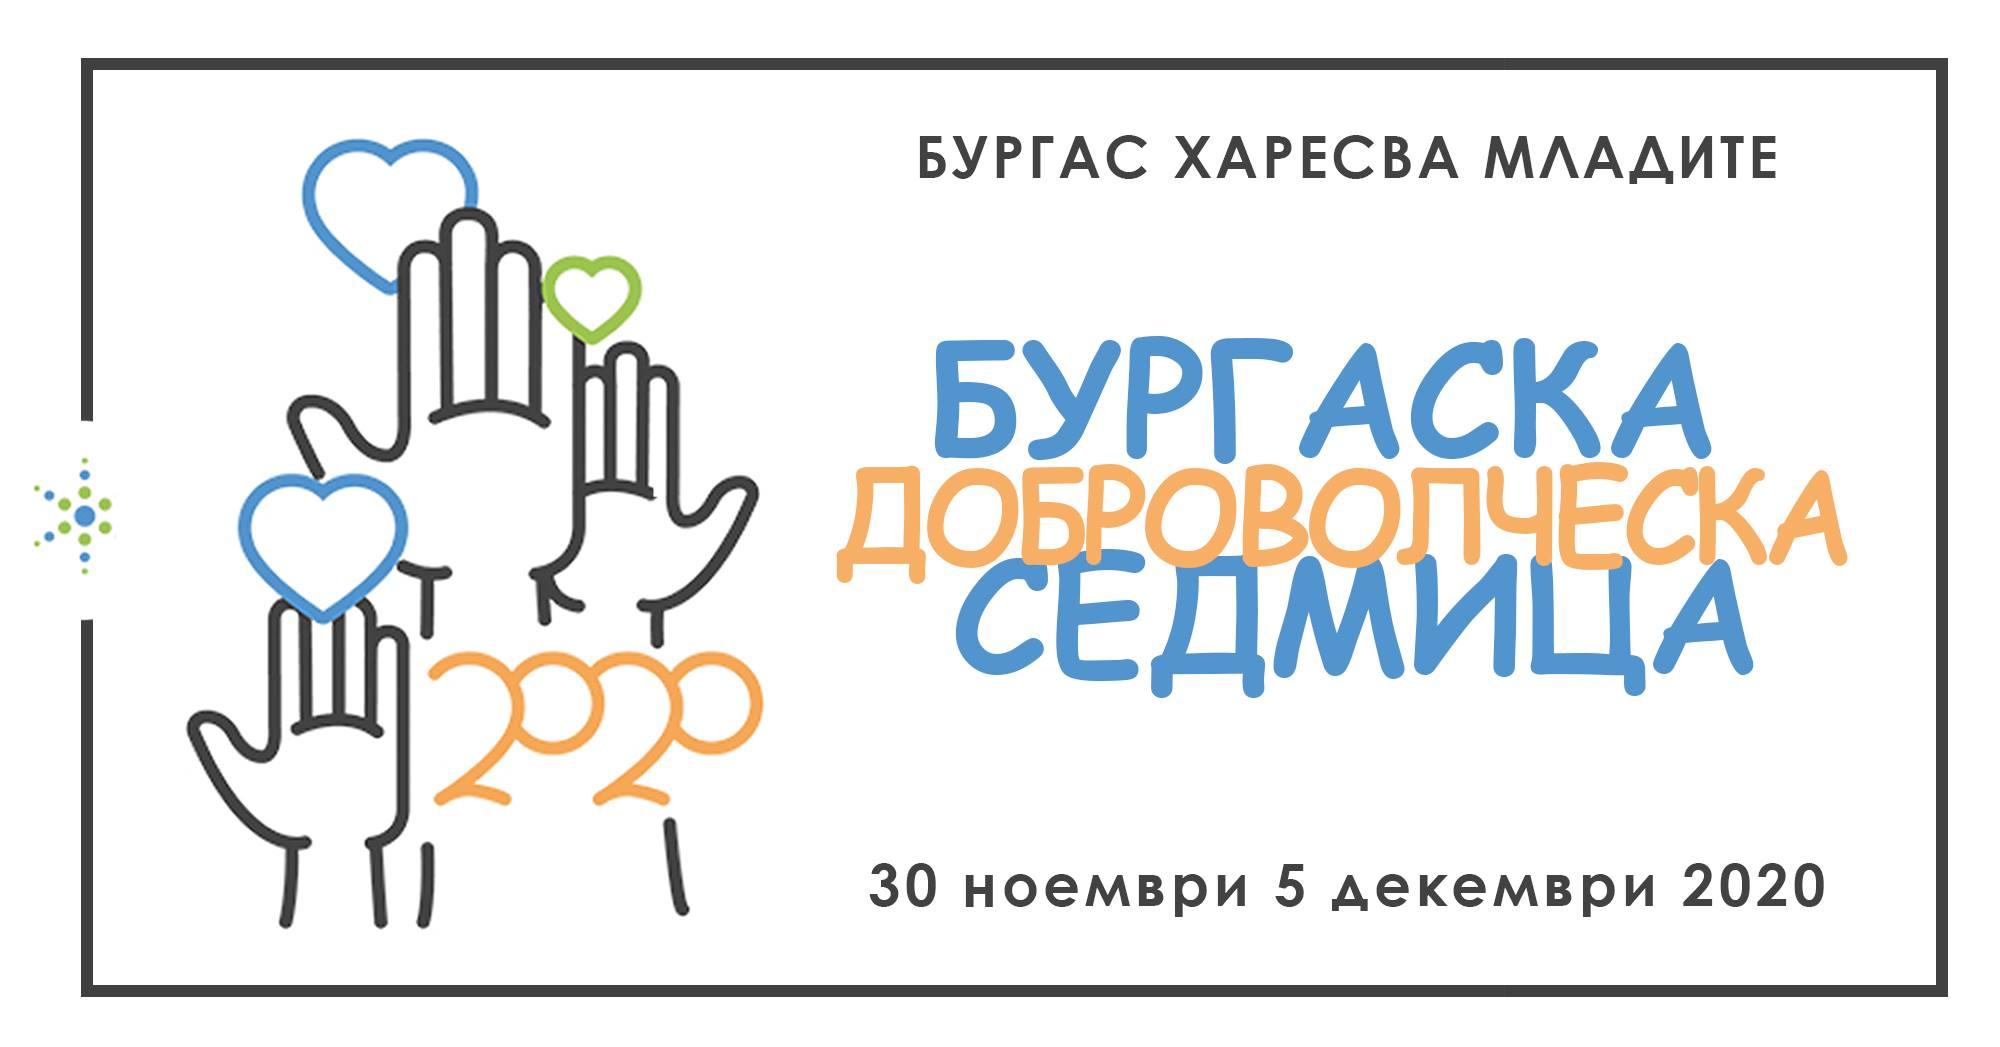 Бургаска доброволческа седмица